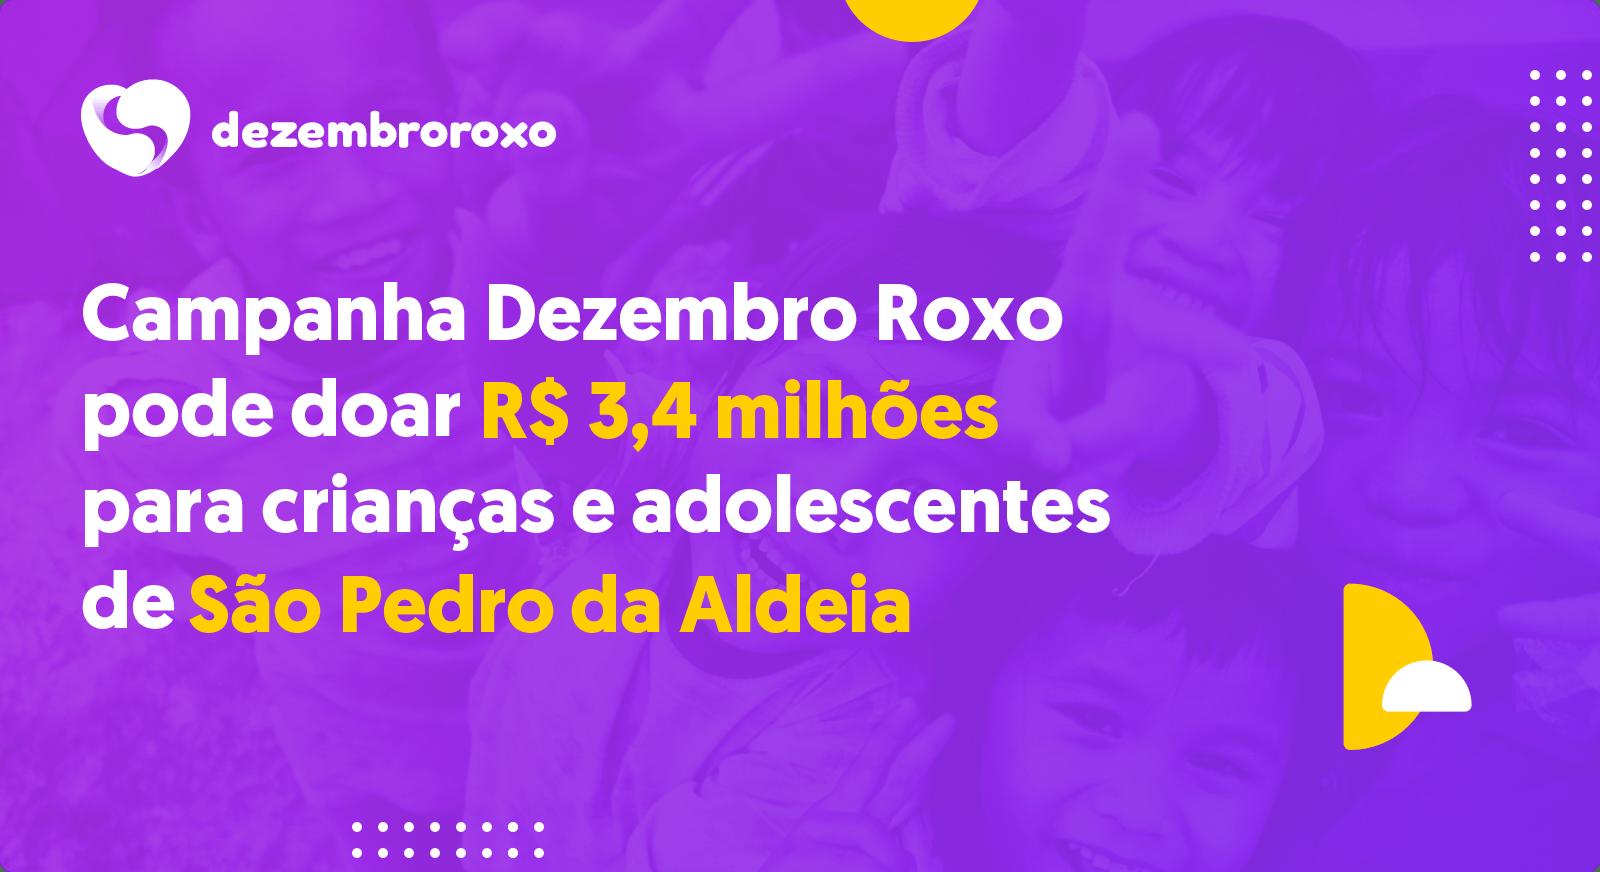 Doações em São Pedro da Aldeia - RJ